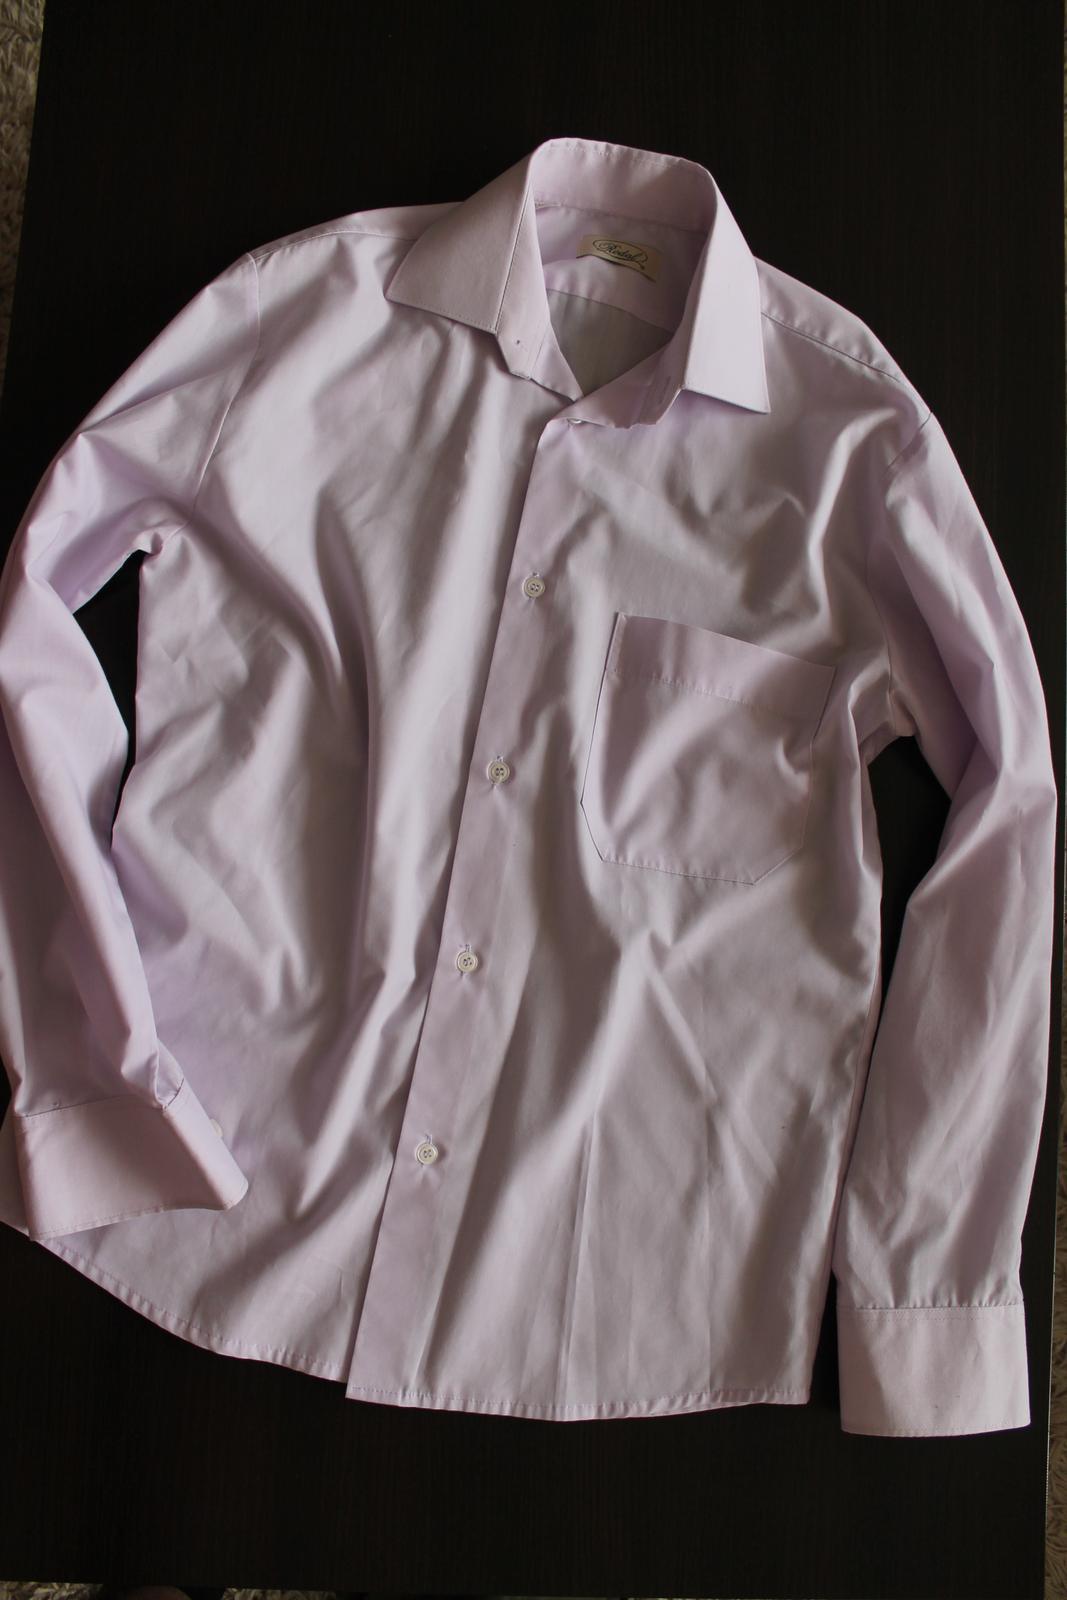 svetlofialová košeľa - Obrázok č. 1